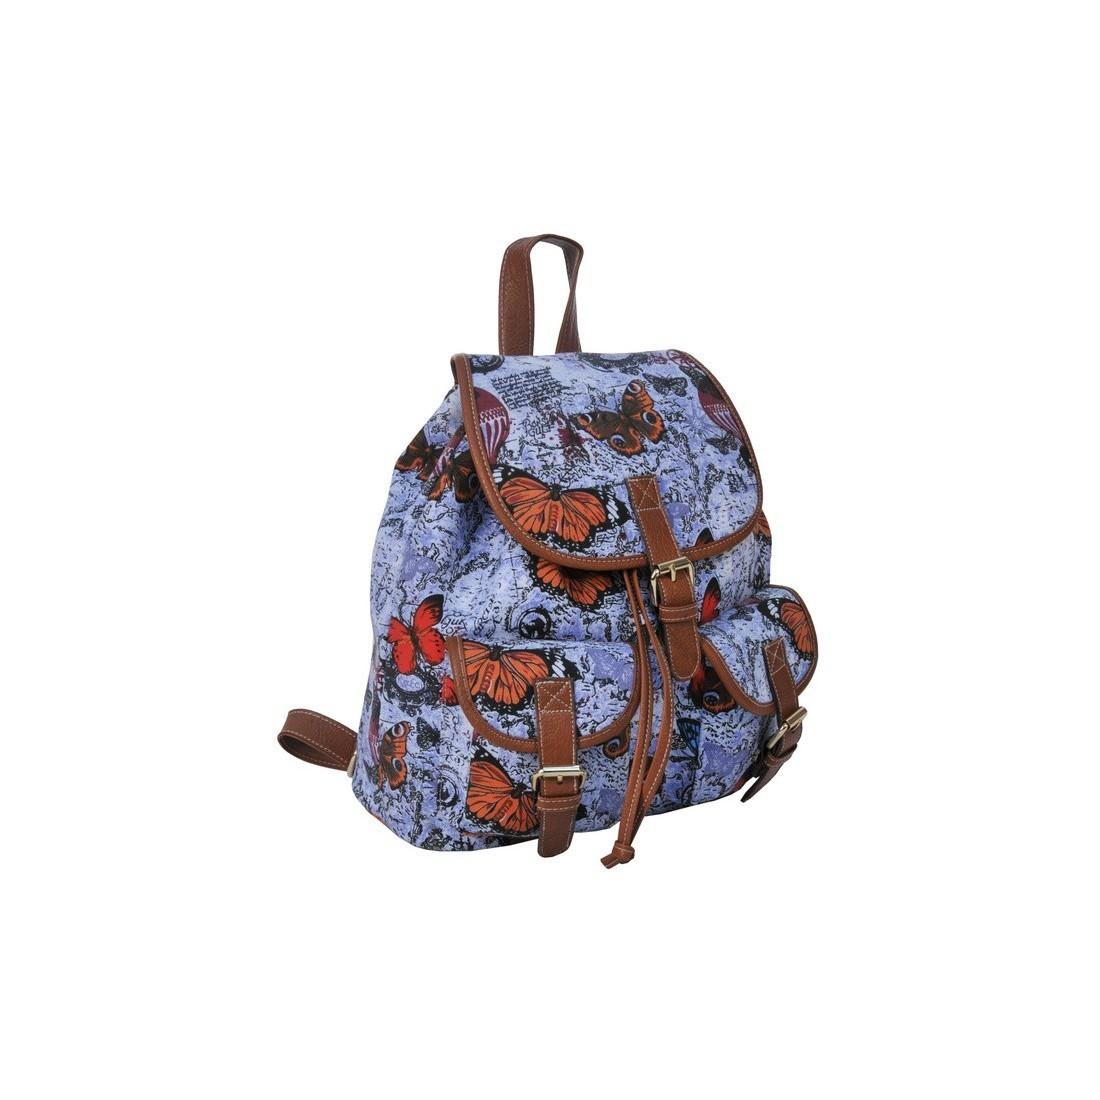 Plecak młodzieżowy Canvas Vintage - błękitny w motyle - plecak-tornister.pl